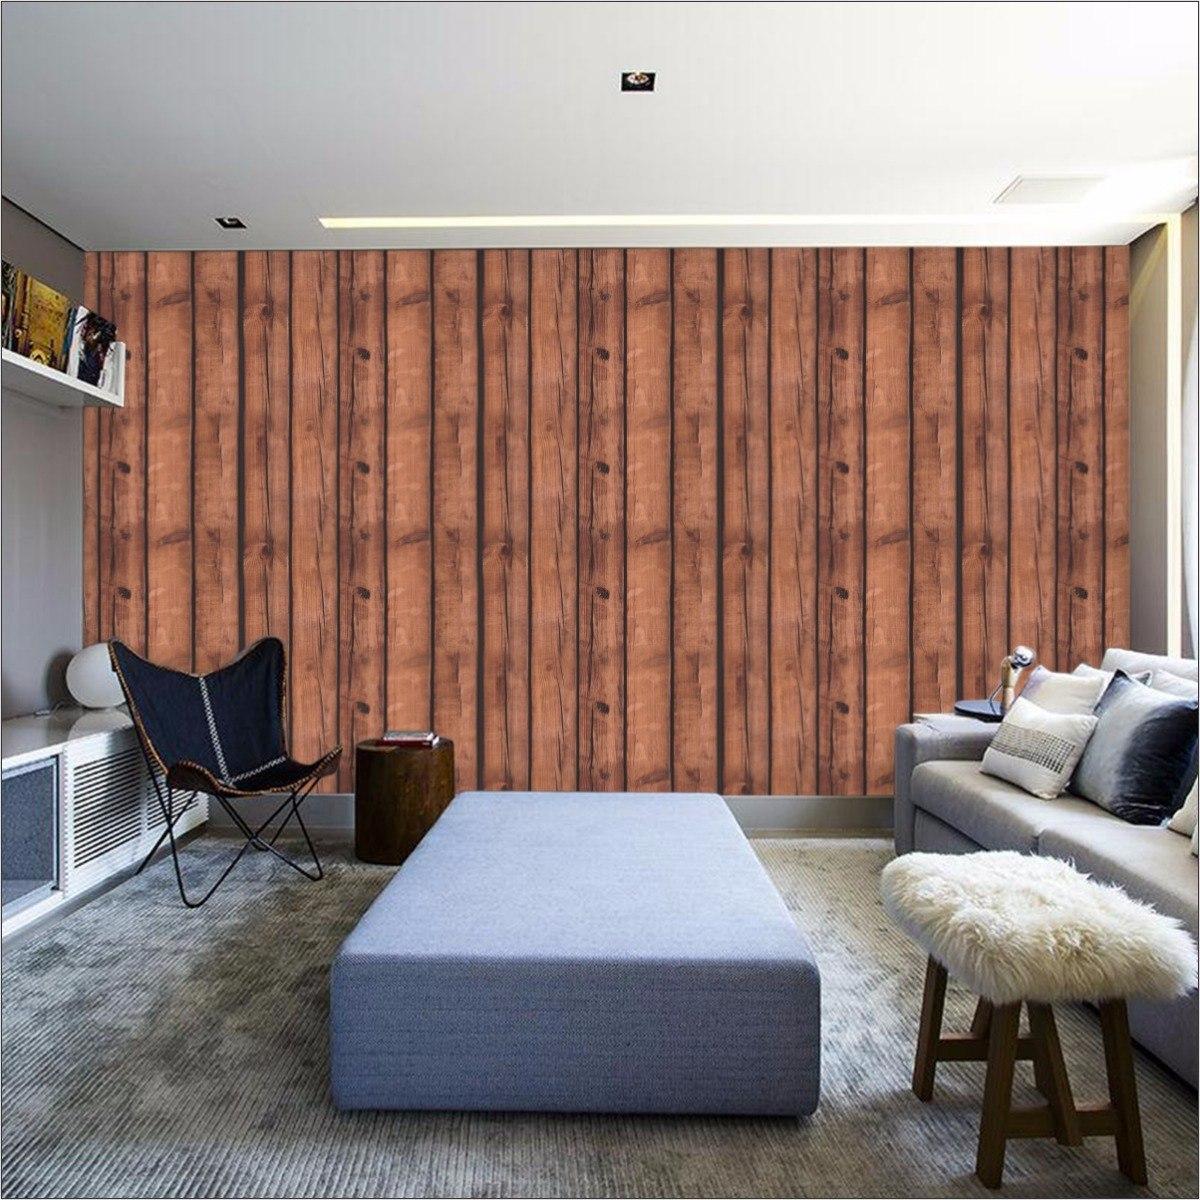 1d61945f6 papel de parede madeira 3d rústica autoadesivo lavável 3m. Carregando zoom.